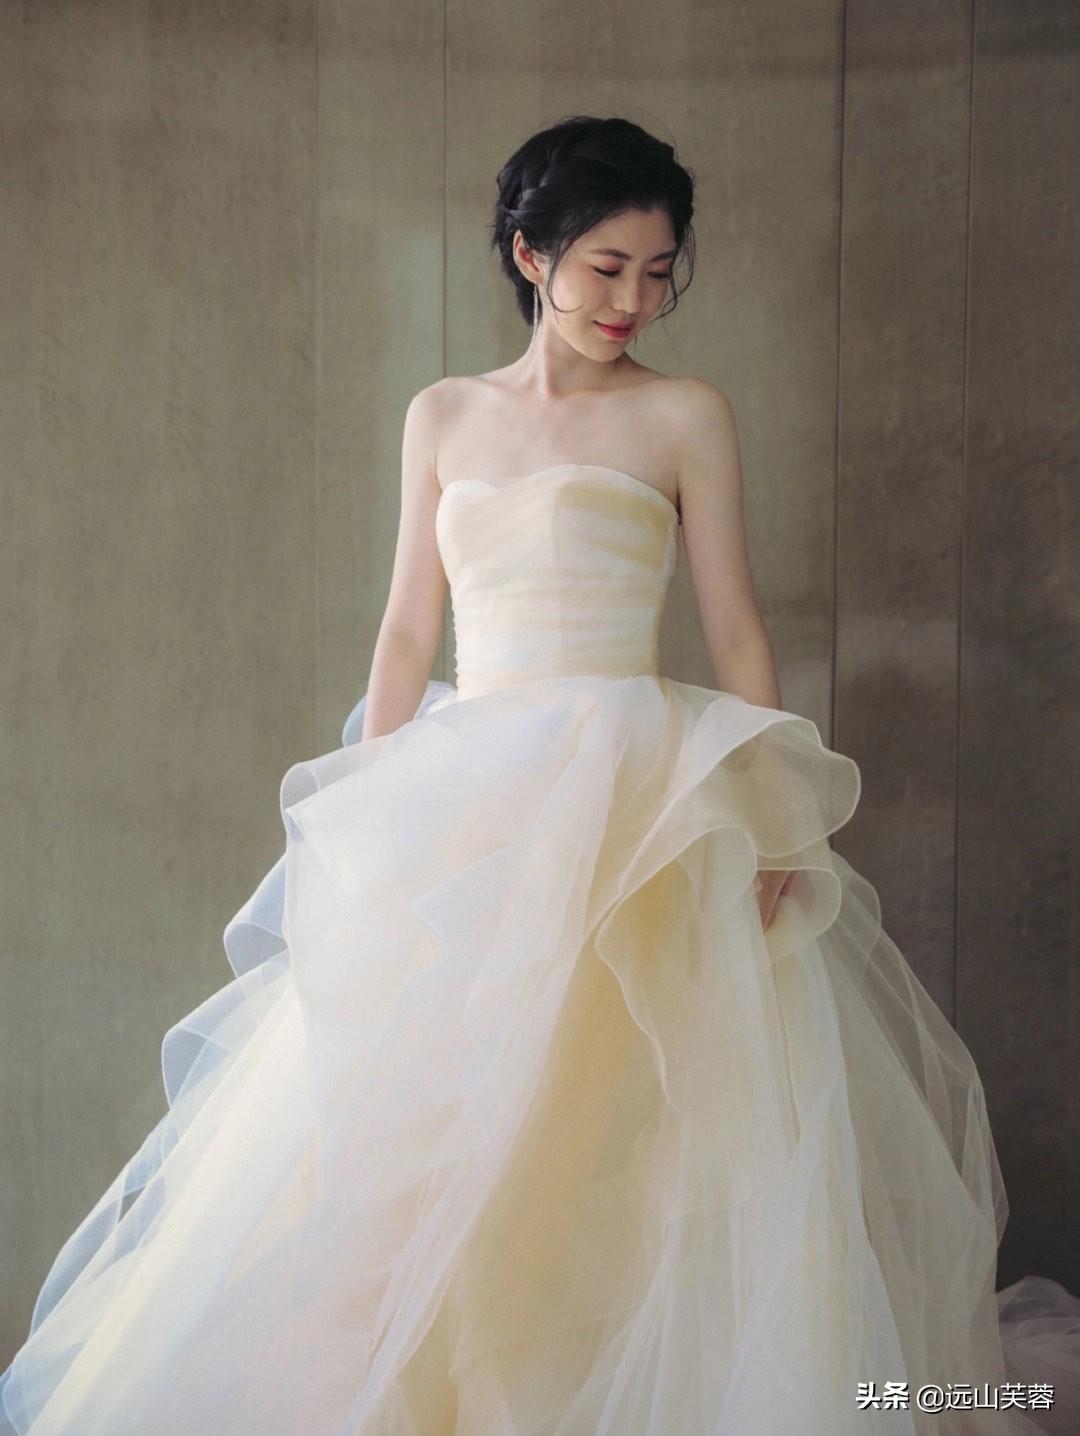 女性穿上婚纱的时候最美-6.jpg